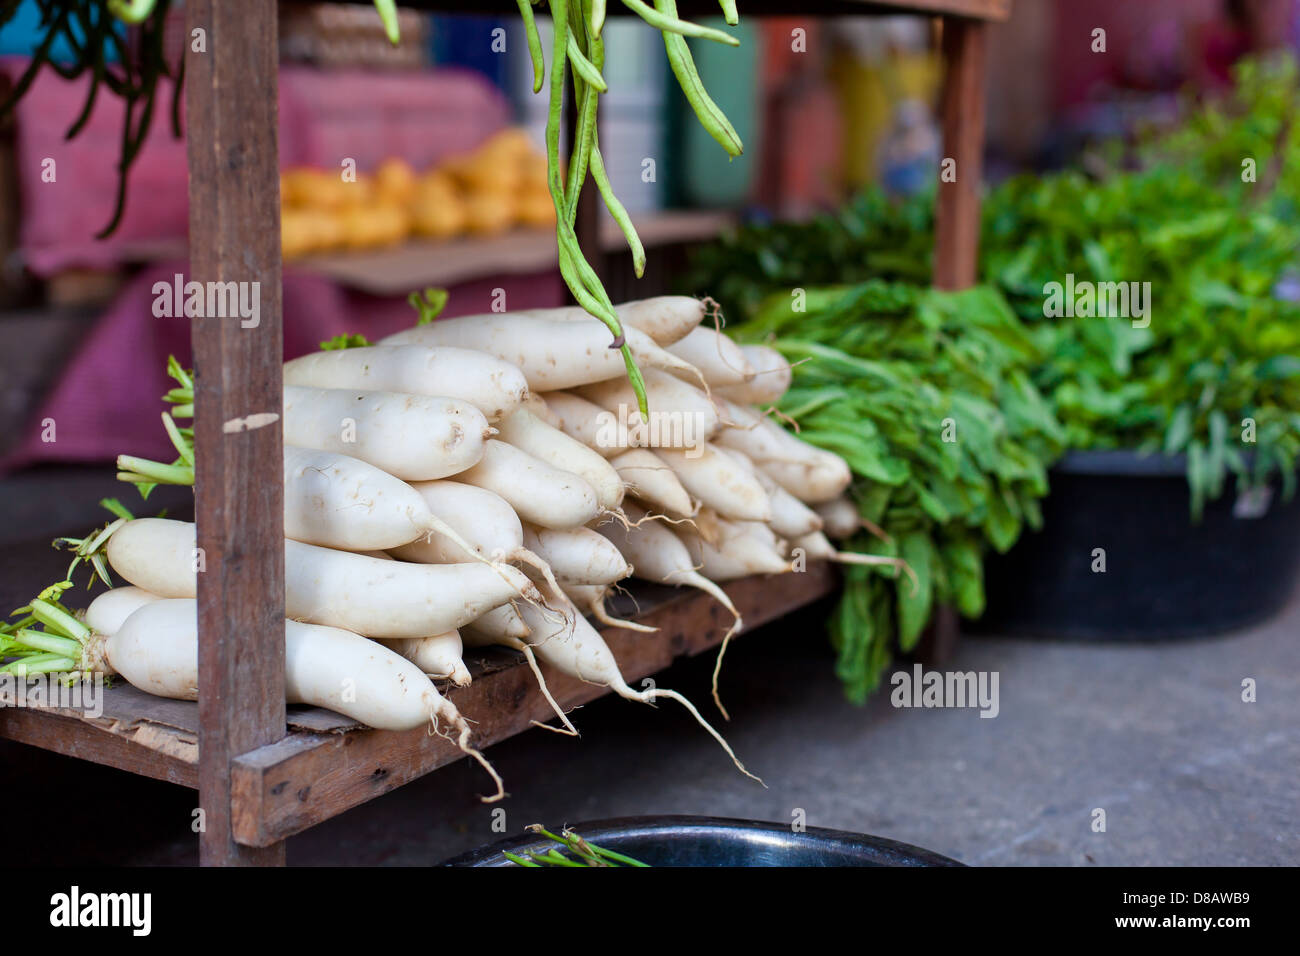 Japanese radish on asian market - Stock Image